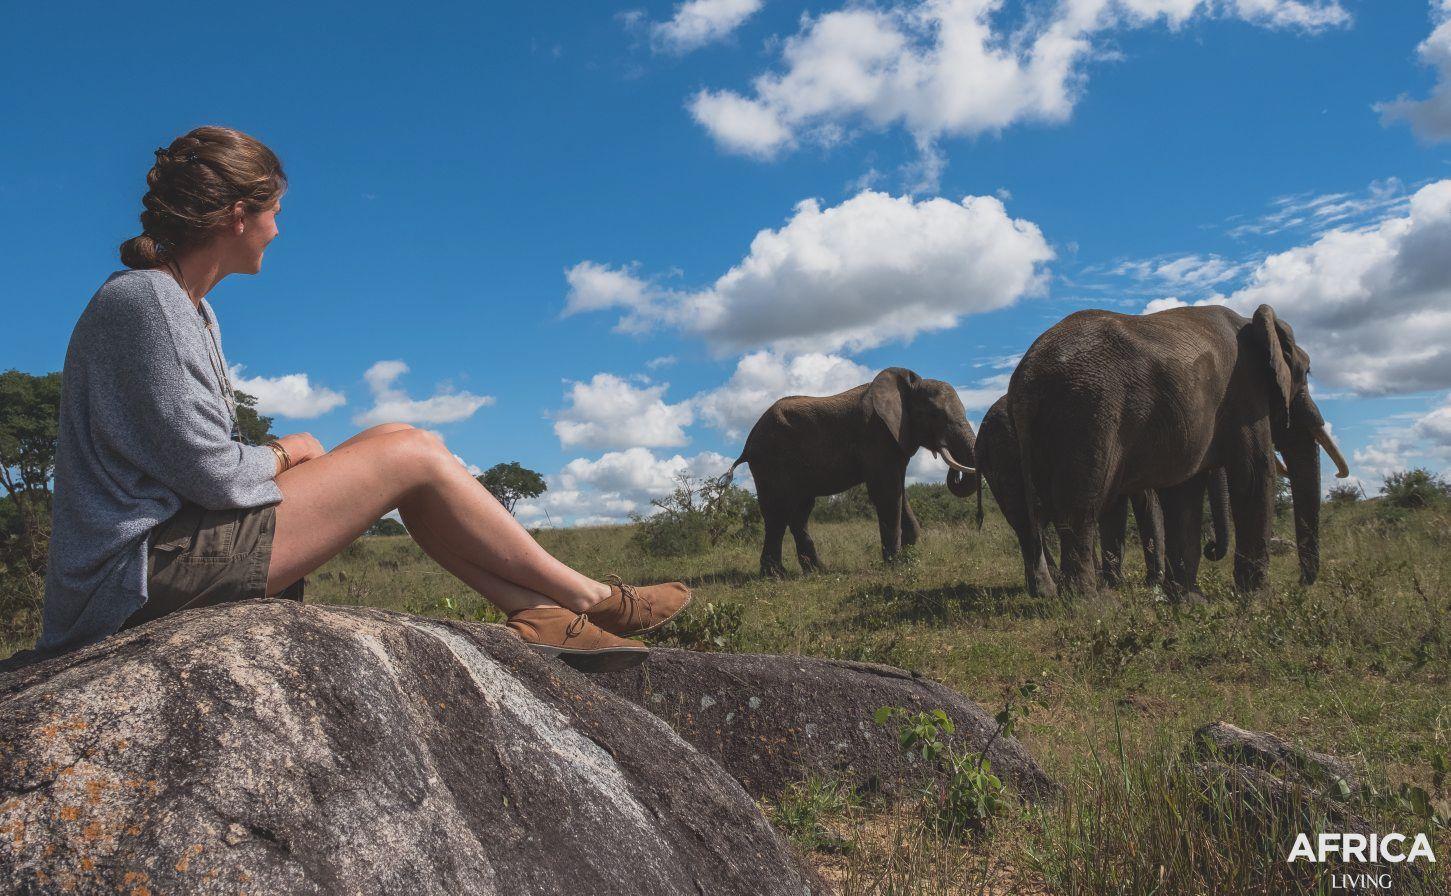 Volunteer with elephants in Africa